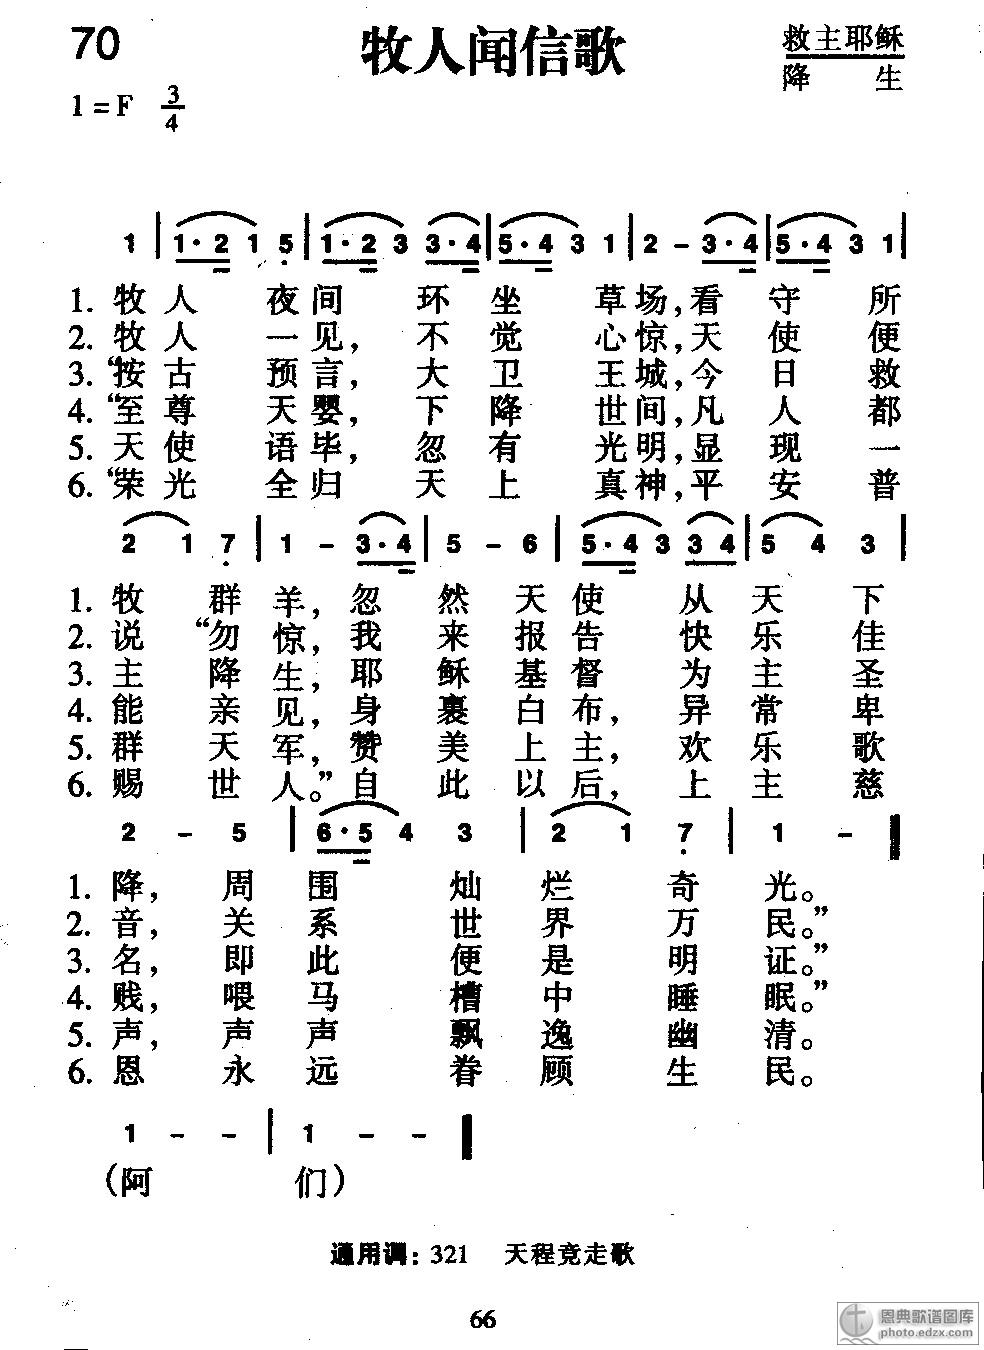 牧人闻信歌 - 赞美诗歌谱-新编赞美诗400首--网